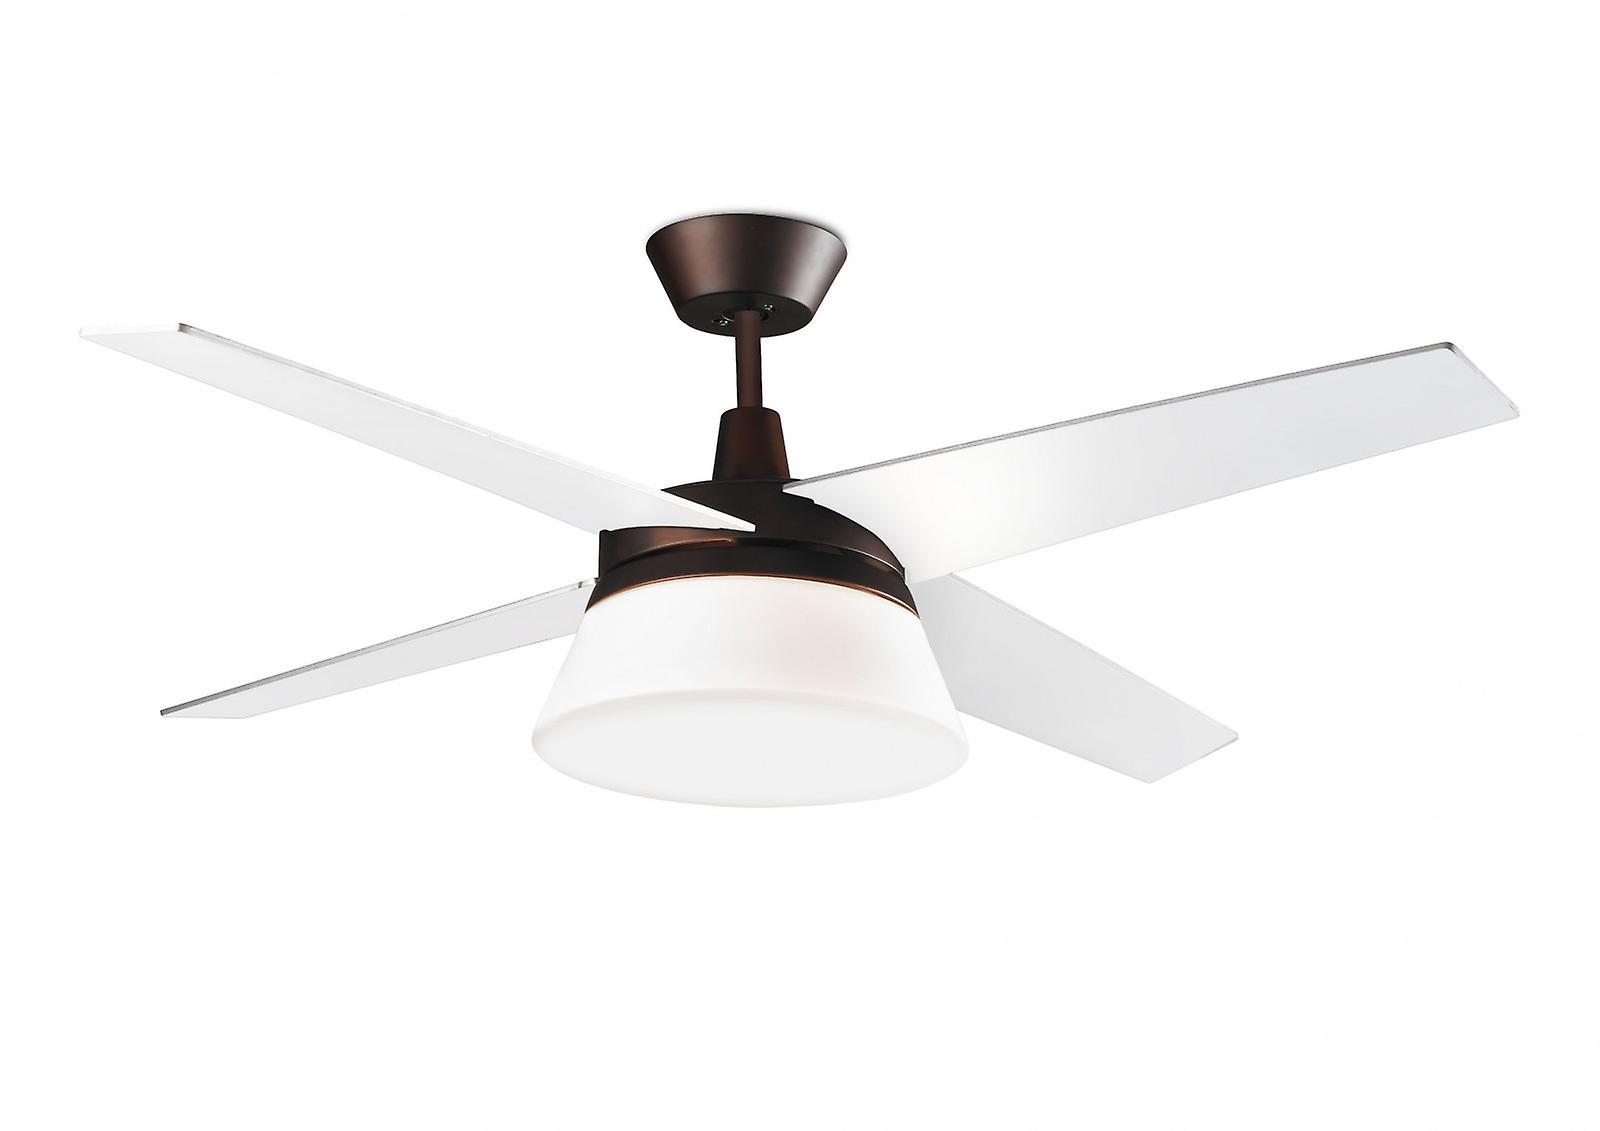 Leds c4 design plafond ventilateur banus 132 cm 52 avec clairage fruugo - Ventilateur plafond design ...